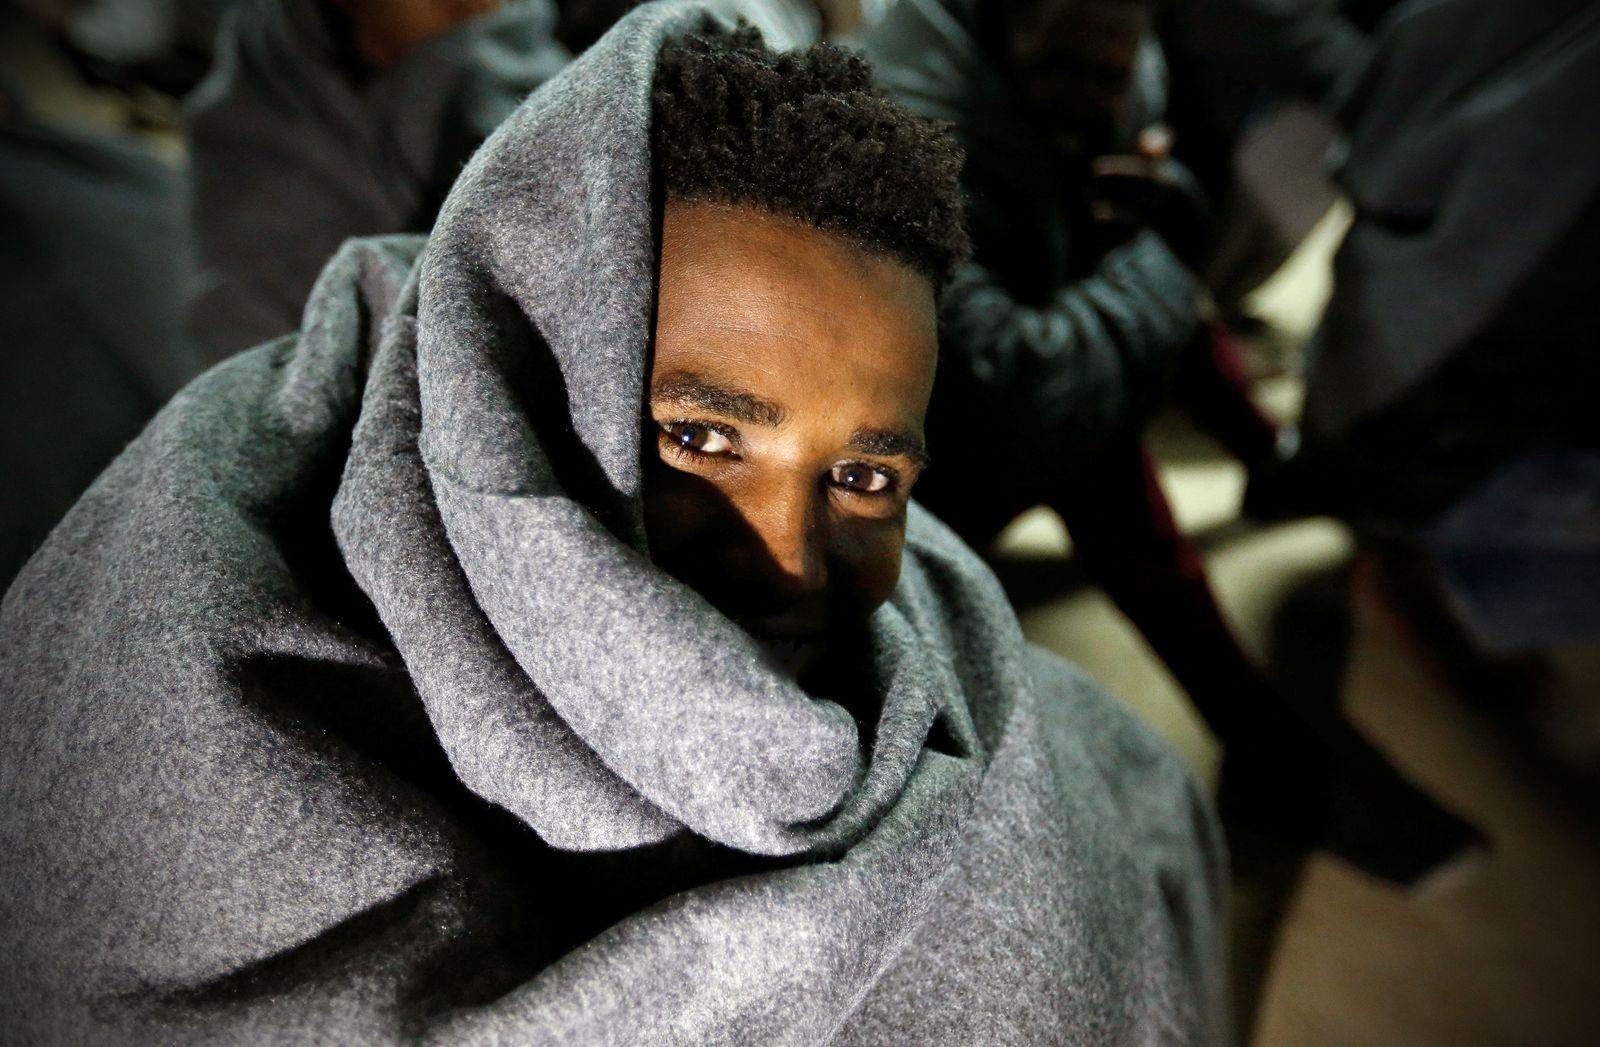 Libyen/ Syrien/ Flucht/ Migrant